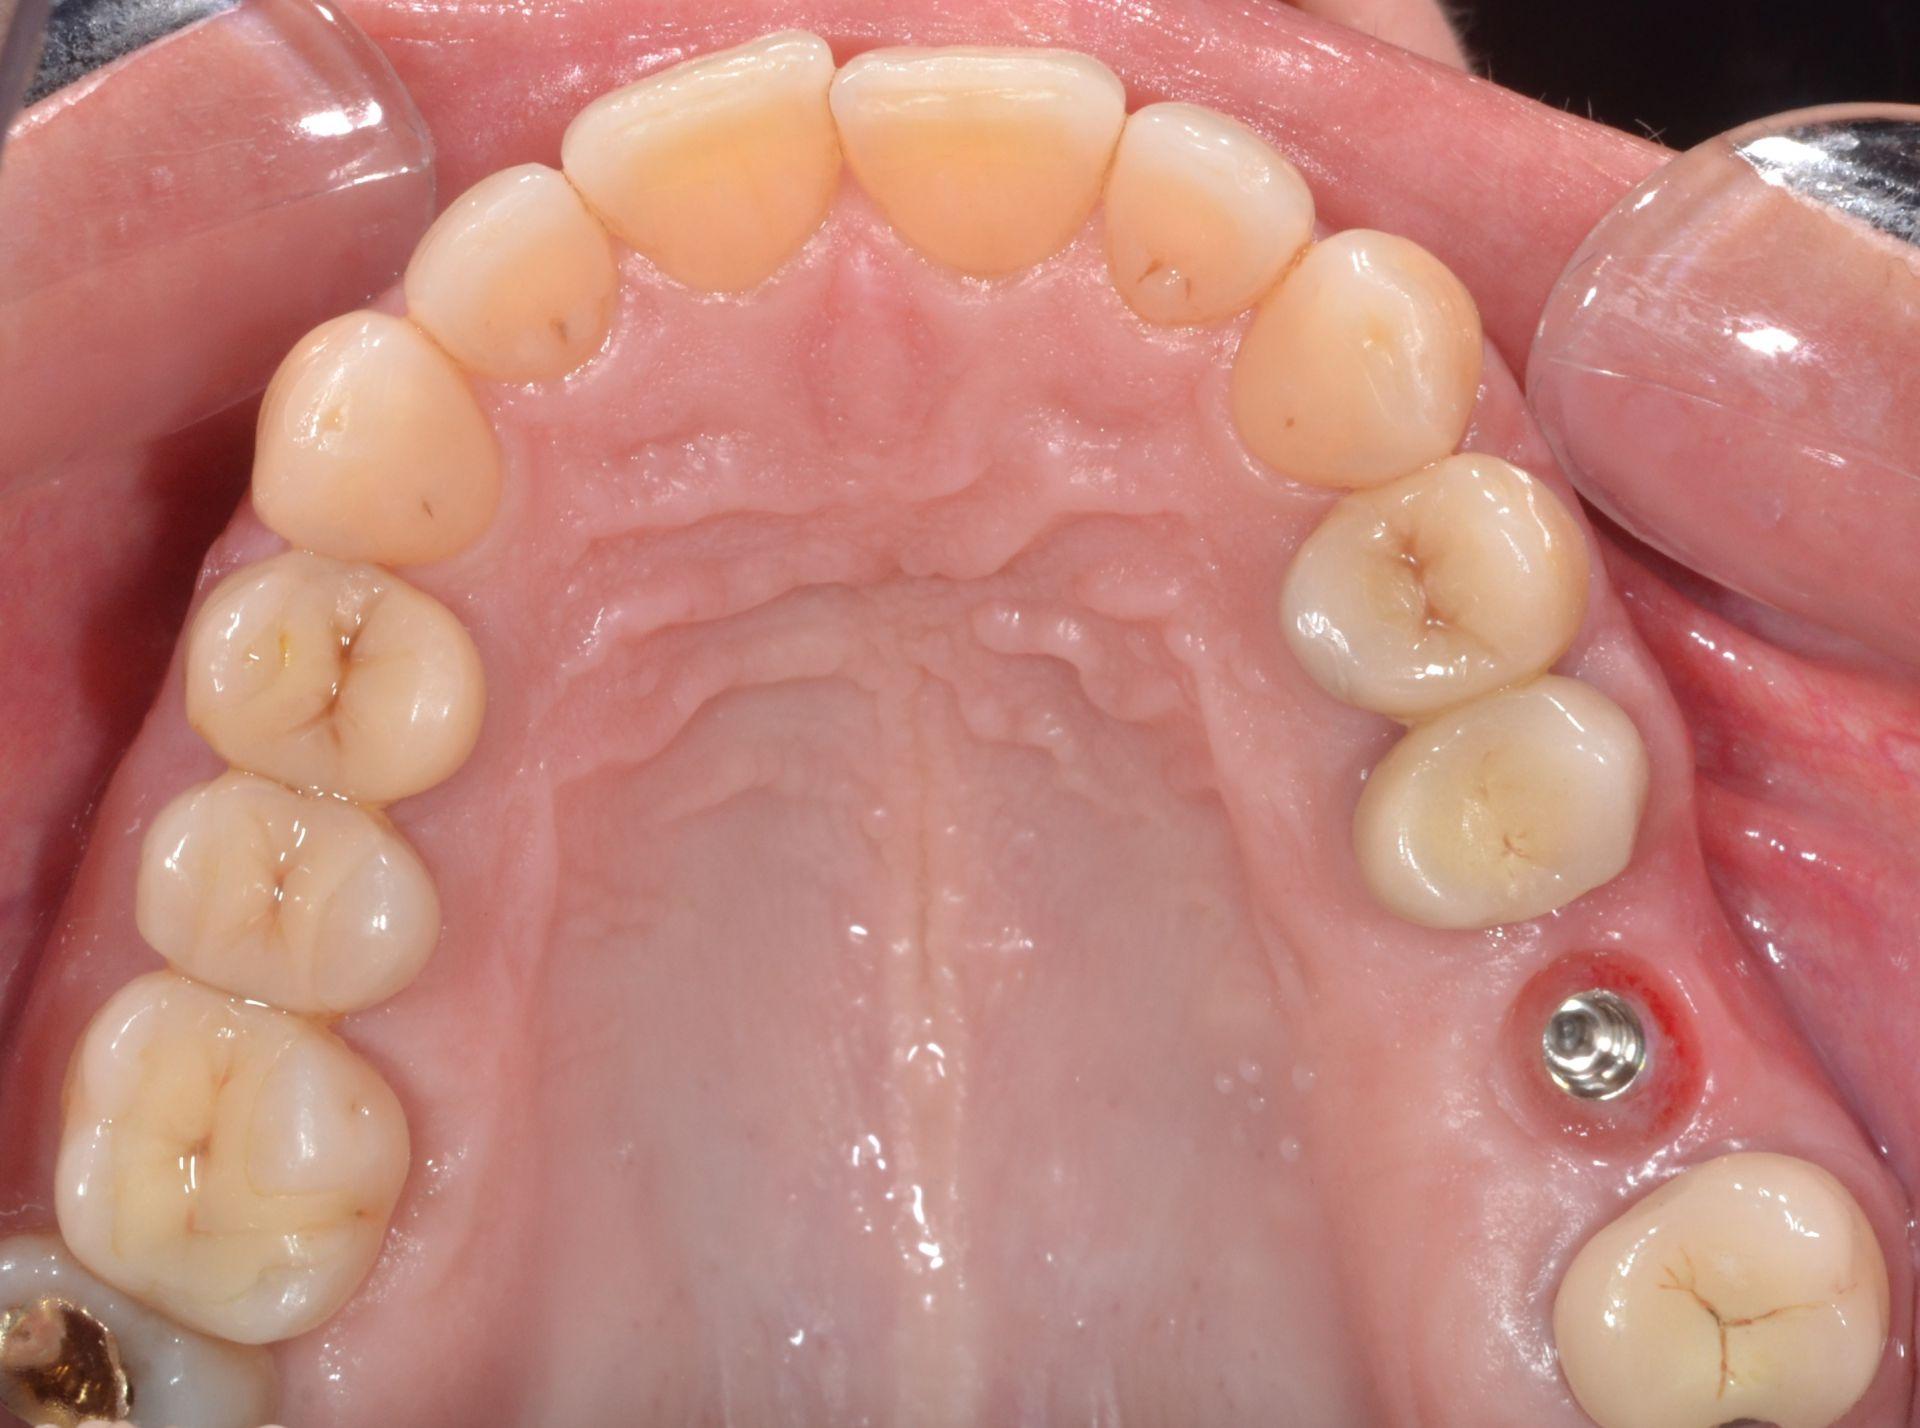 Implant dentaire : pourquoi s'orienter vers cette solution ?